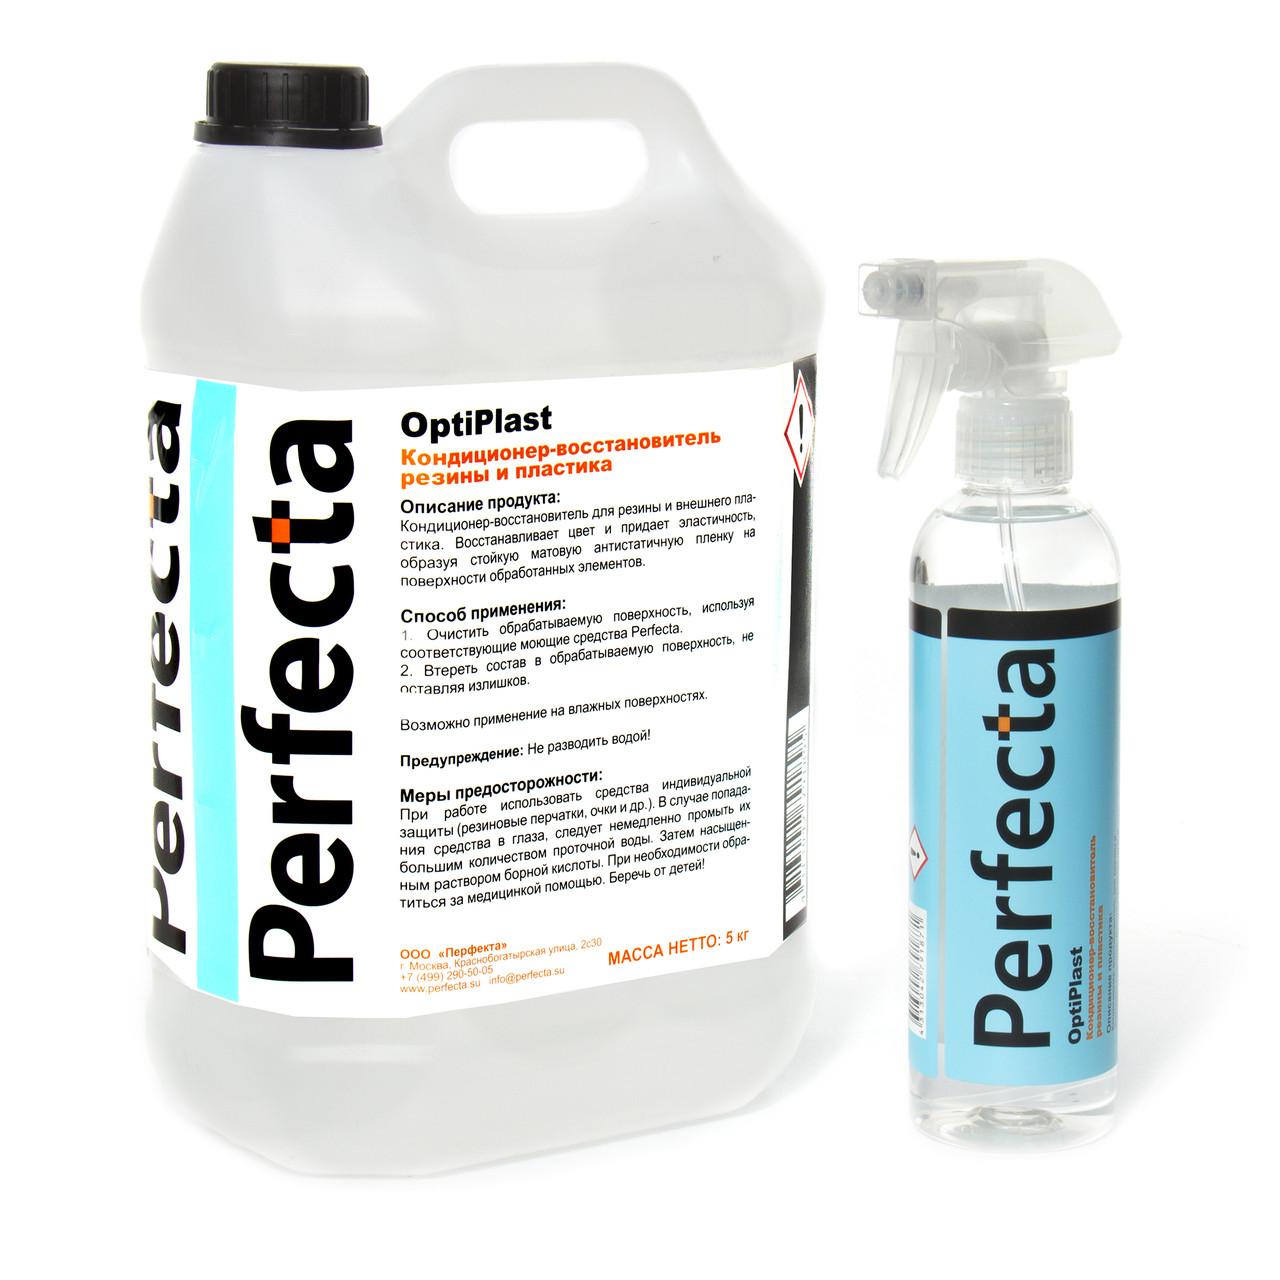 OptiPlast – Кондиционер-восстановитель резины и внешнего пластика